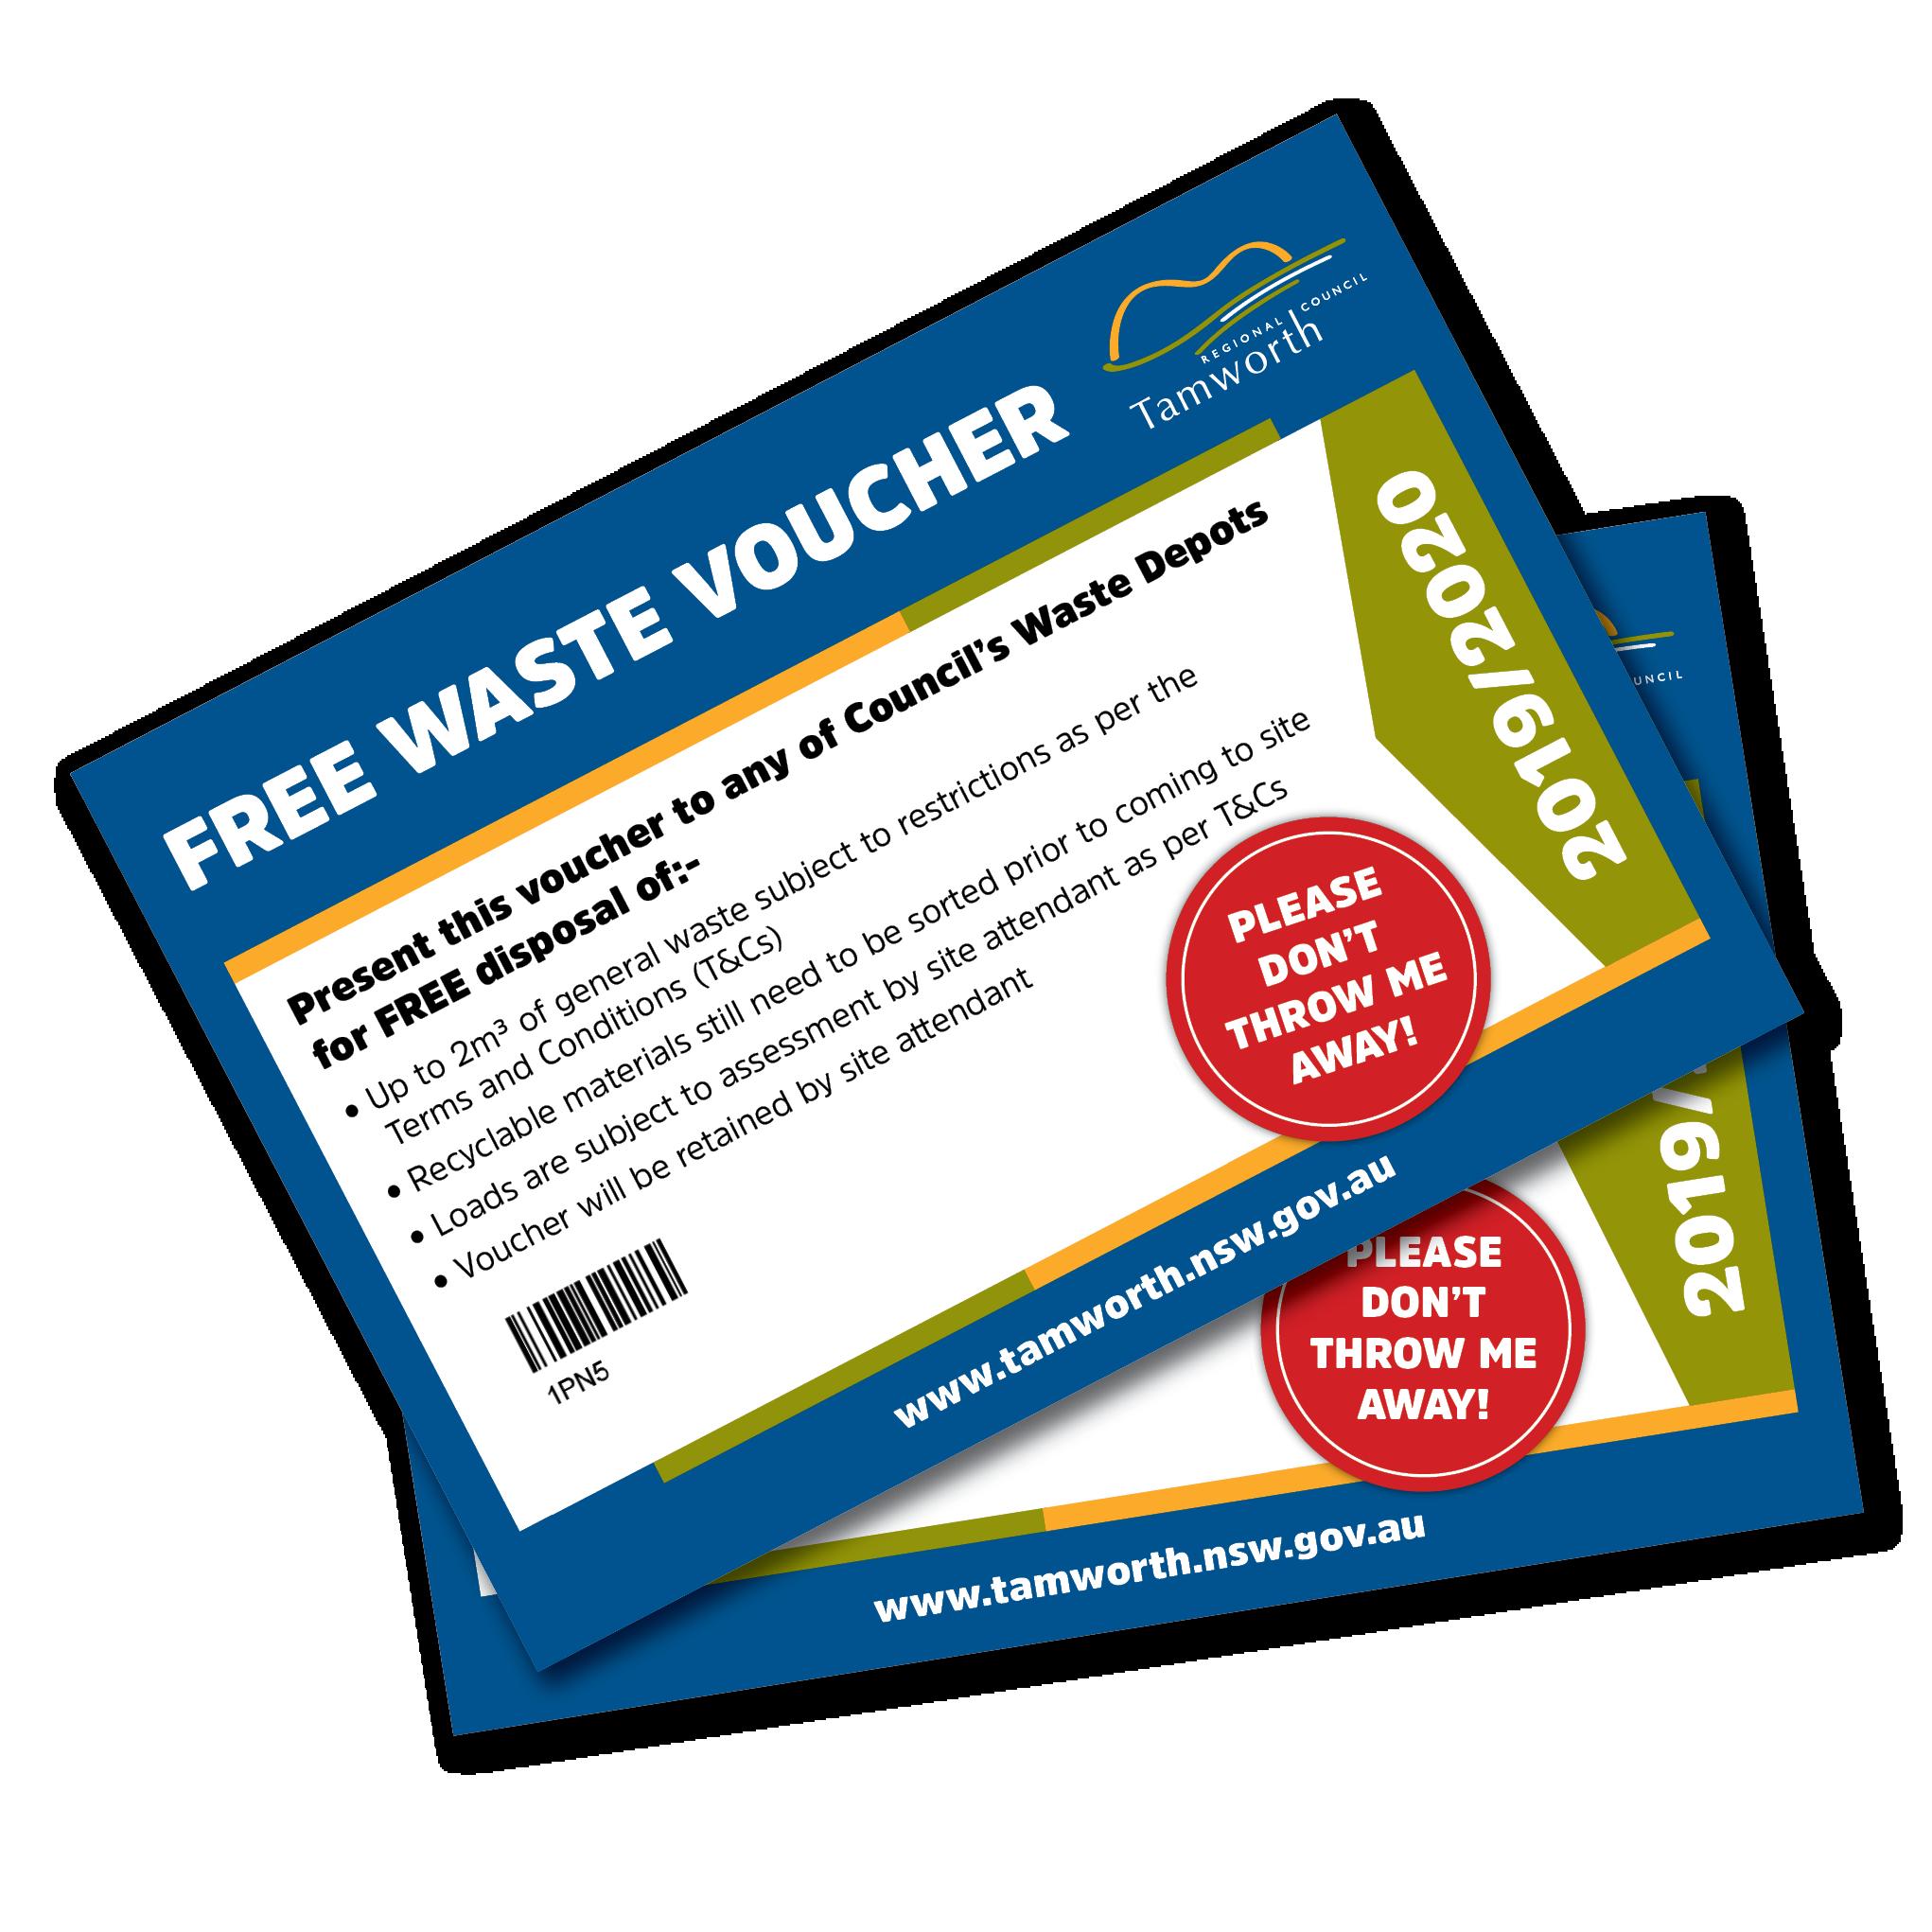 Waste Voucher Trial